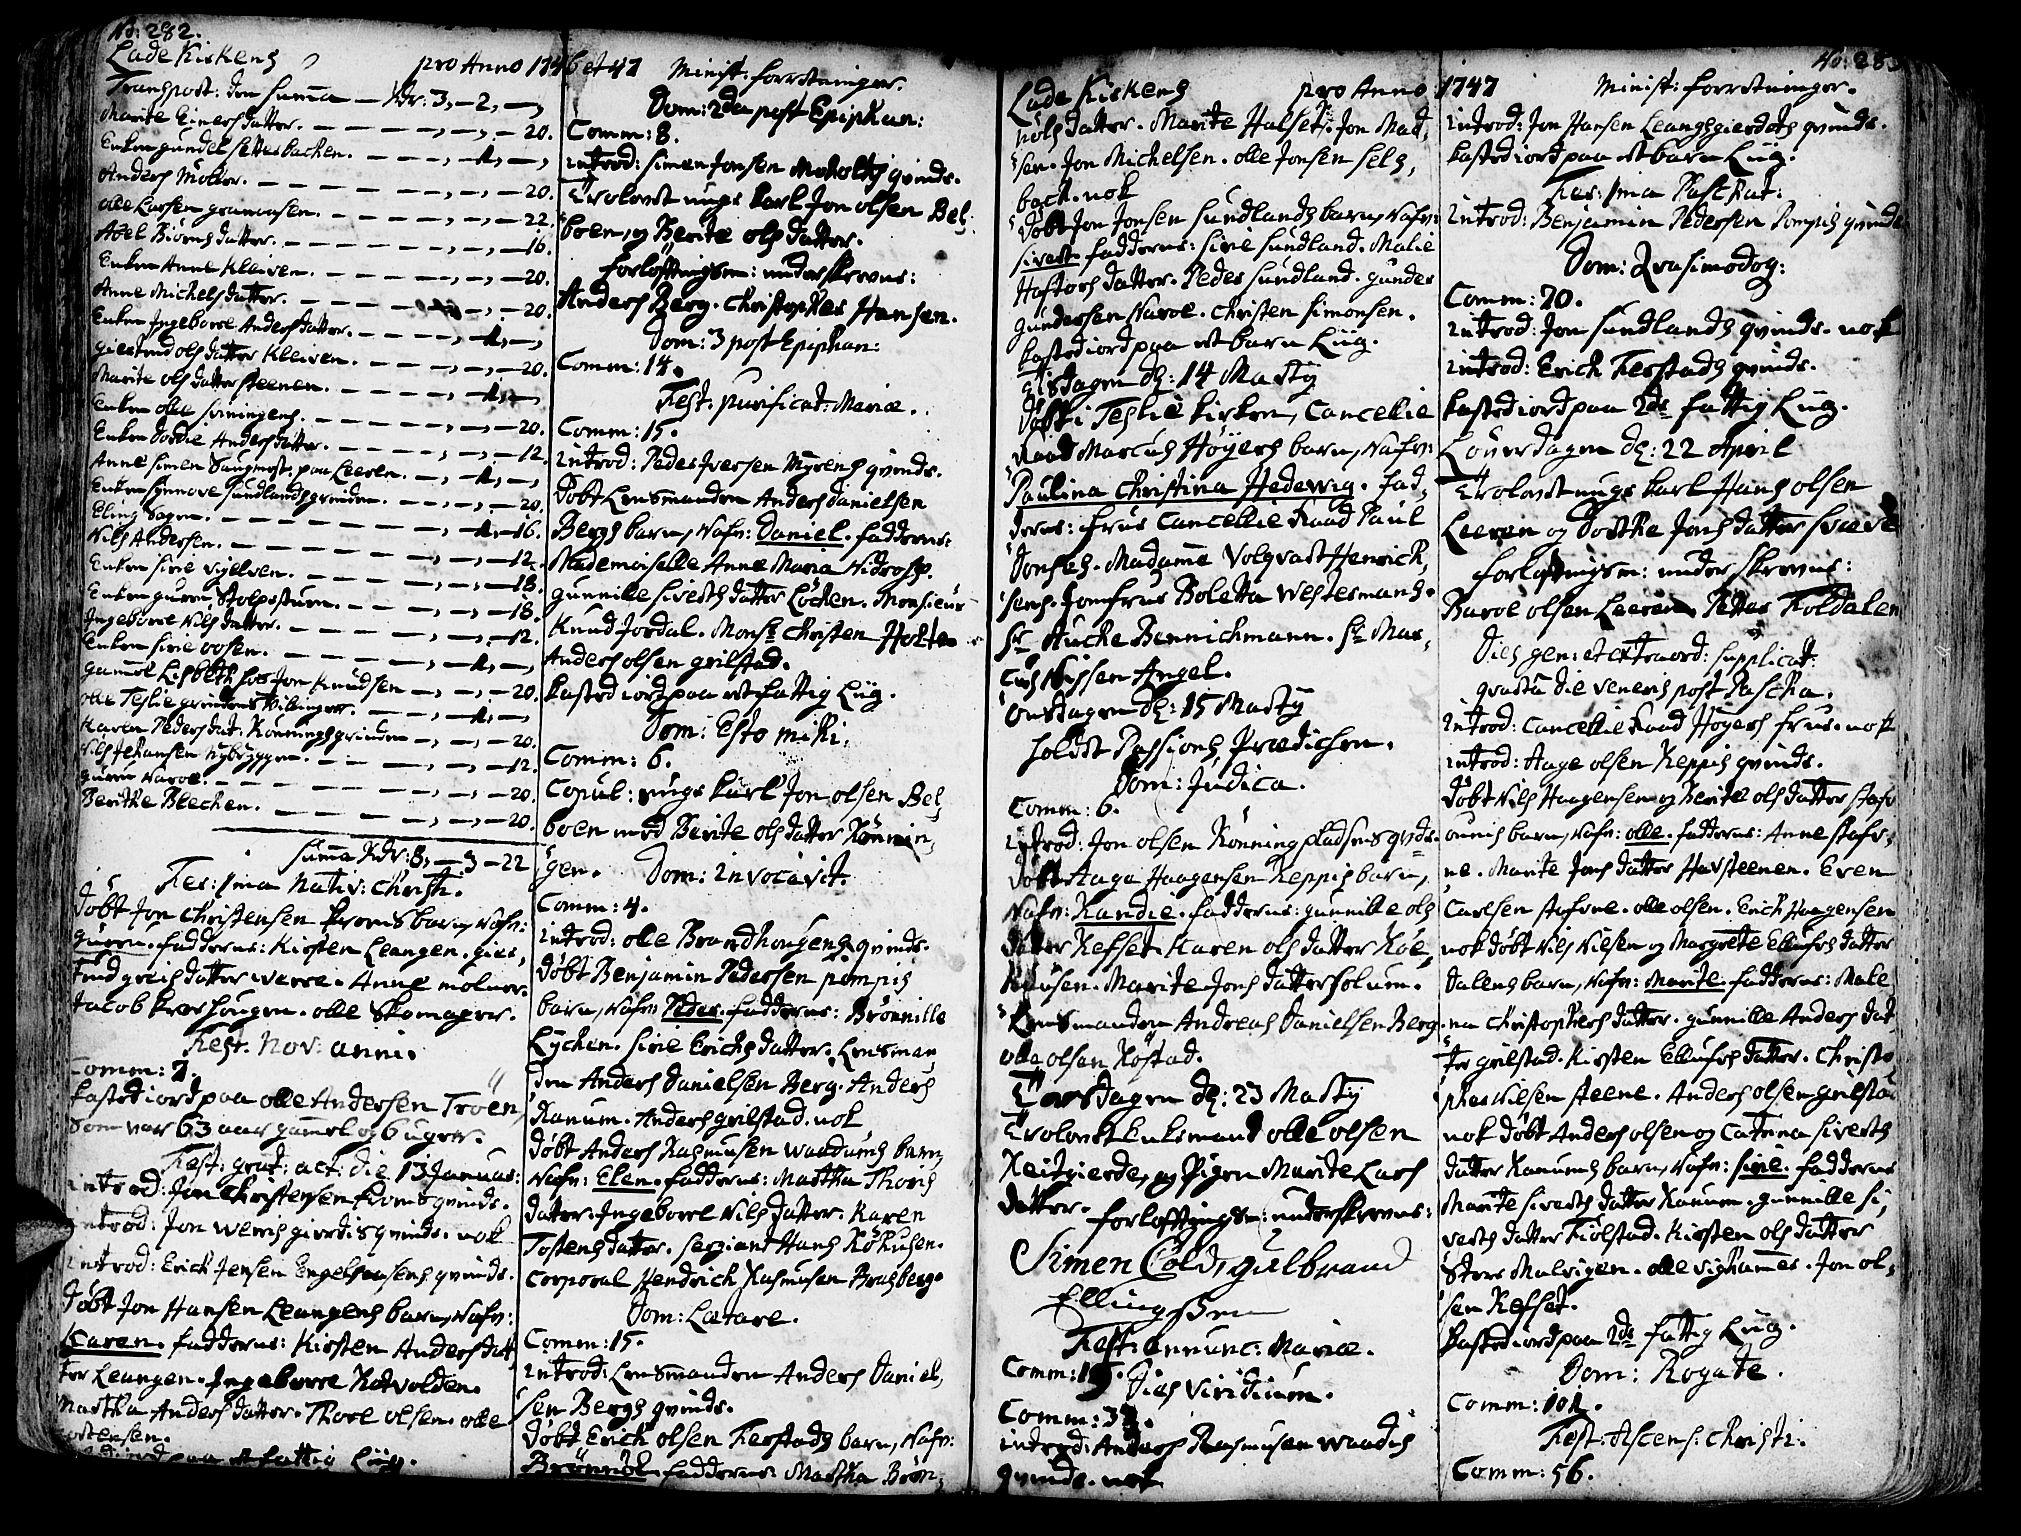 SAT, Ministerialprotokoller, klokkerbøker og fødselsregistre - Sør-Trøndelag, 606/L0275: Ministerialbok nr. 606A01 /1, 1727-1780, s. 282-283